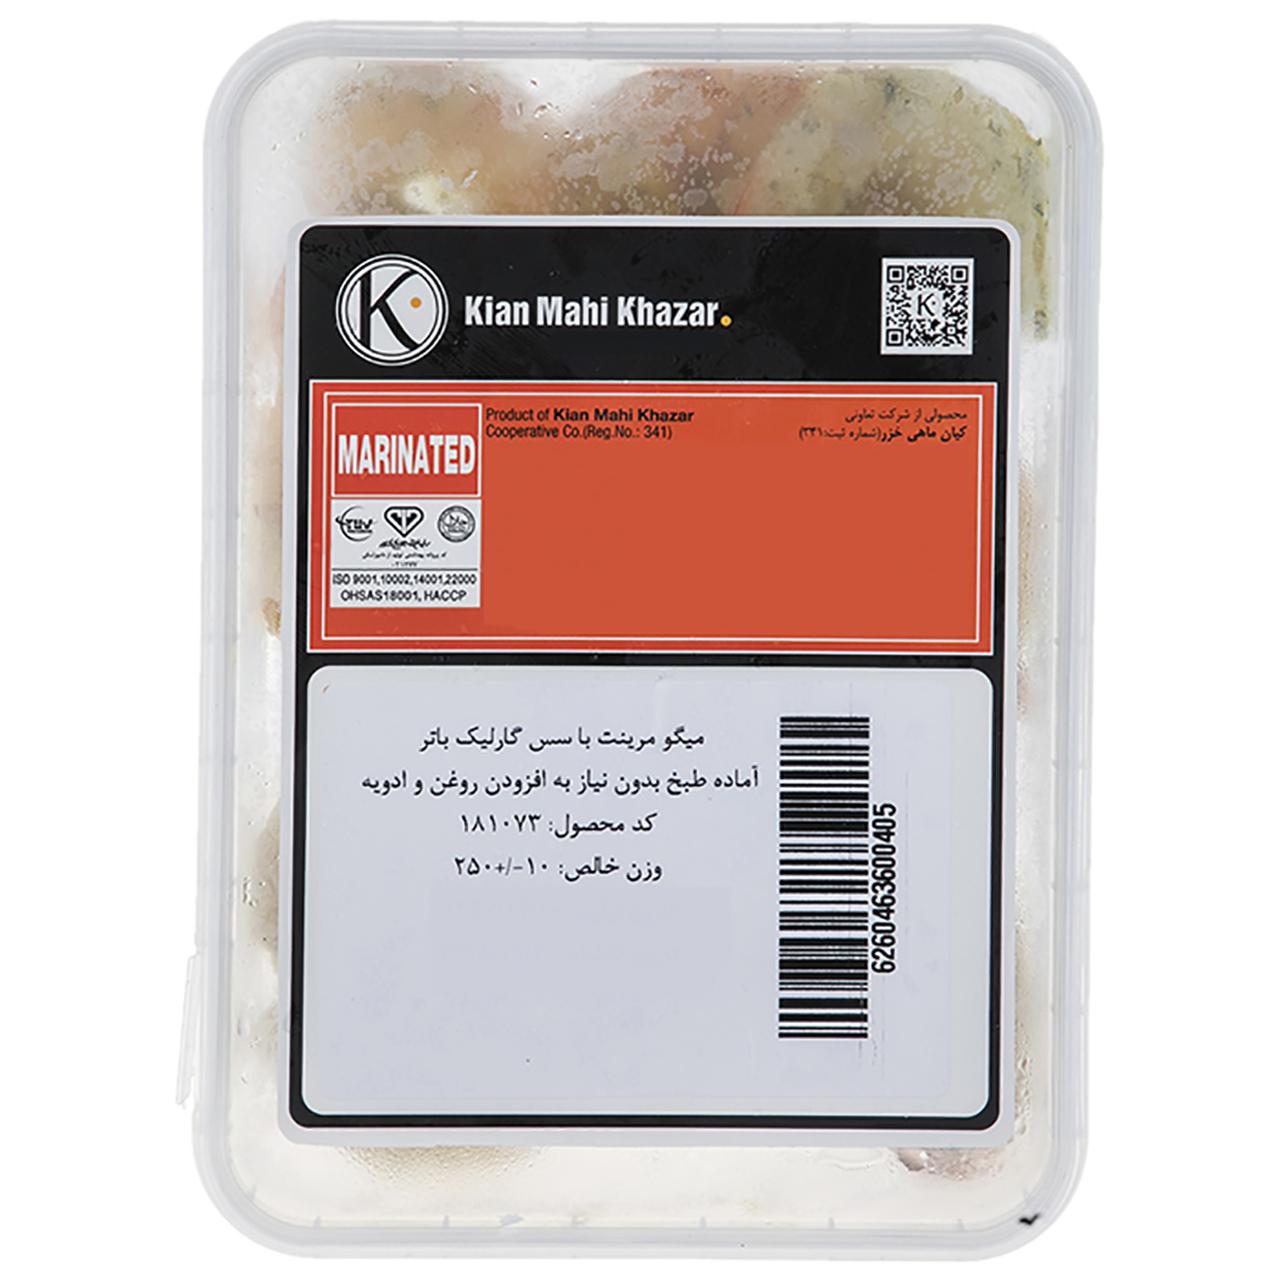 میگو مرینت منجمد با سس سیر و کره کیان ماهی خزر مقدار 250 گرم